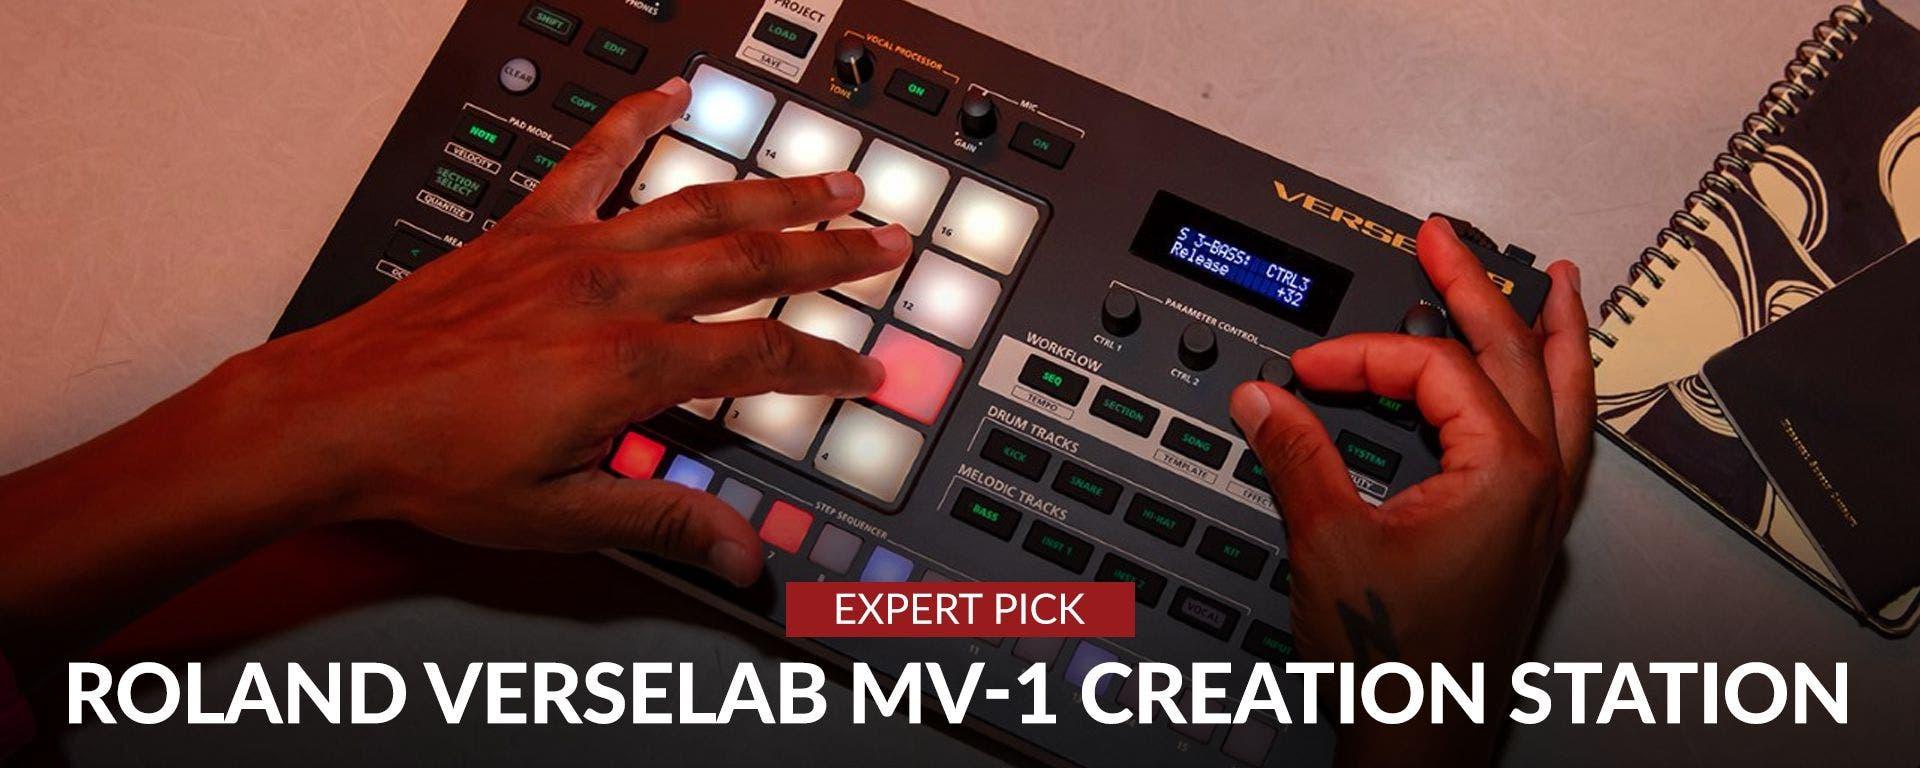 Roland Verselab MV-1 Creation Station At Sam Ash